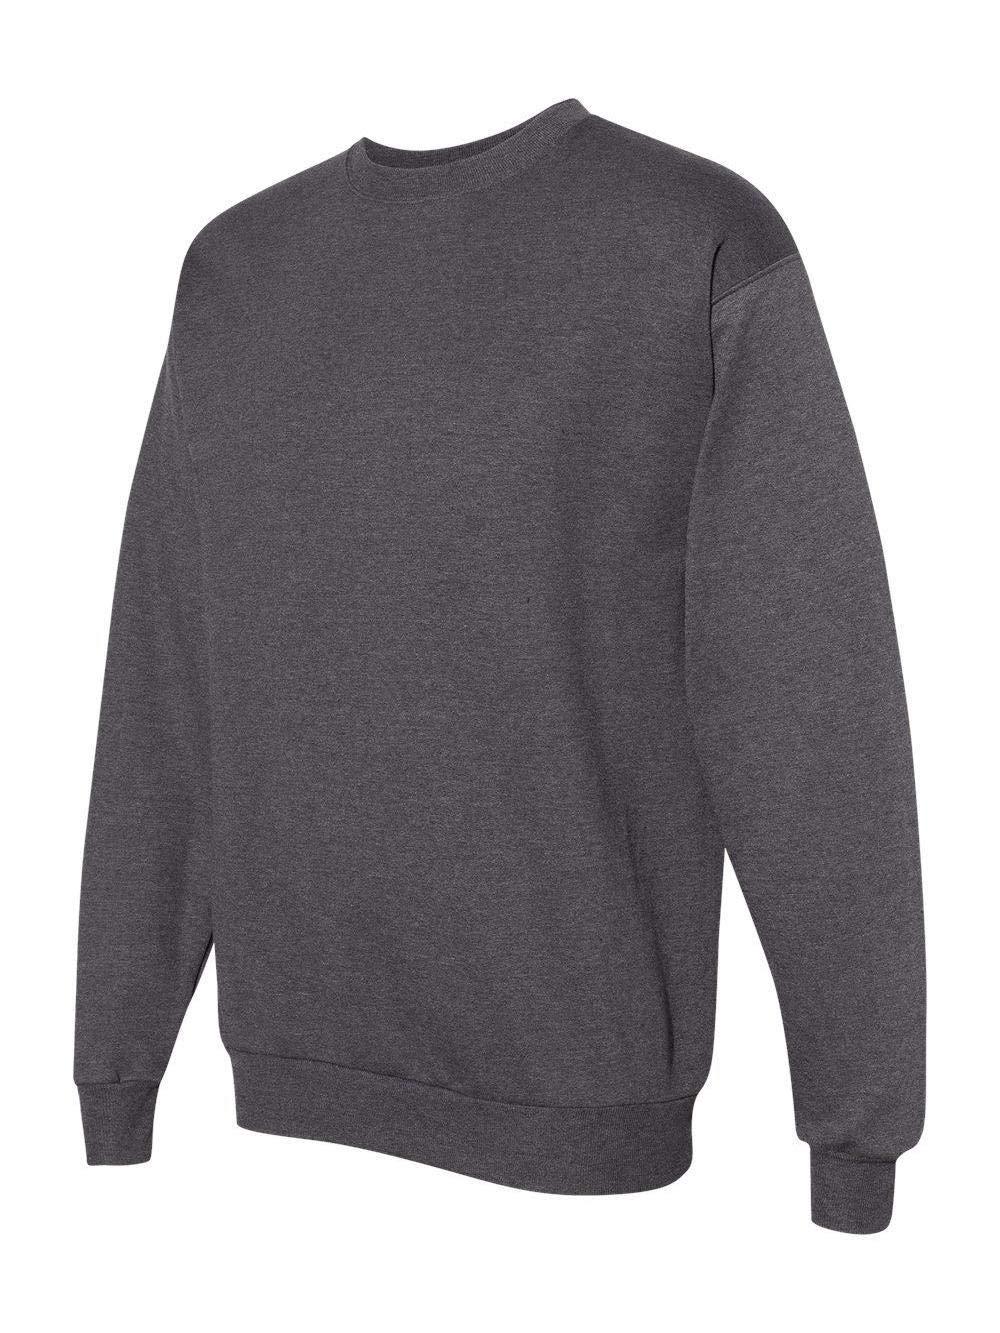 Hanes ComfortBlend EcoSmart Men`s Crew Sweatshirt - Best-Seller, S, Charcoal